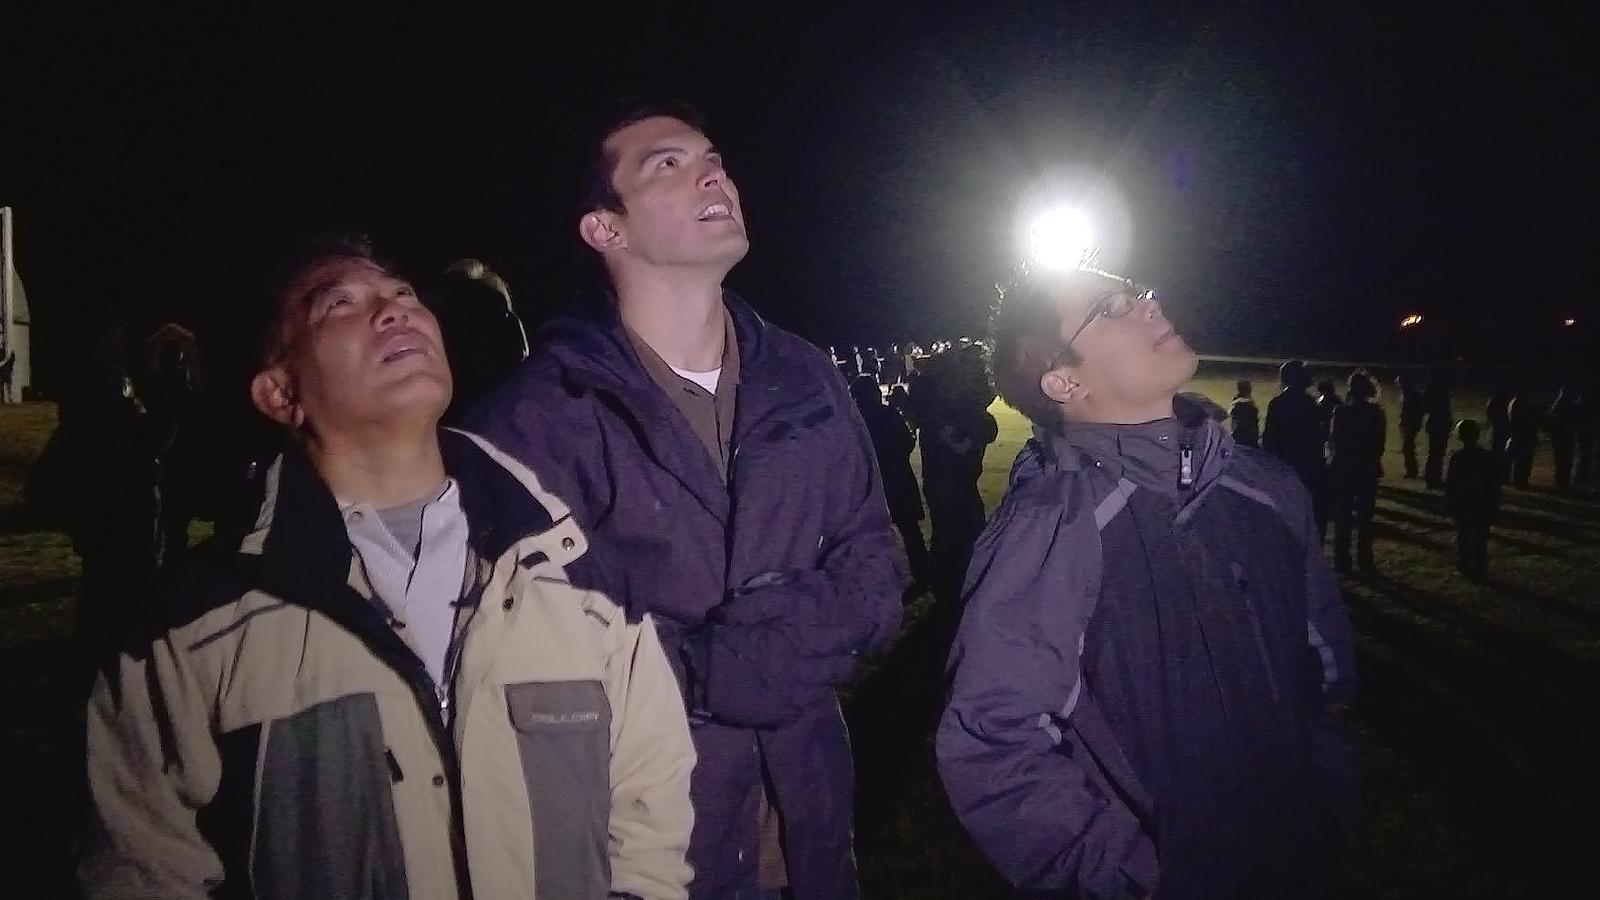 Minotaur 1 Rocket Launch: Spectators